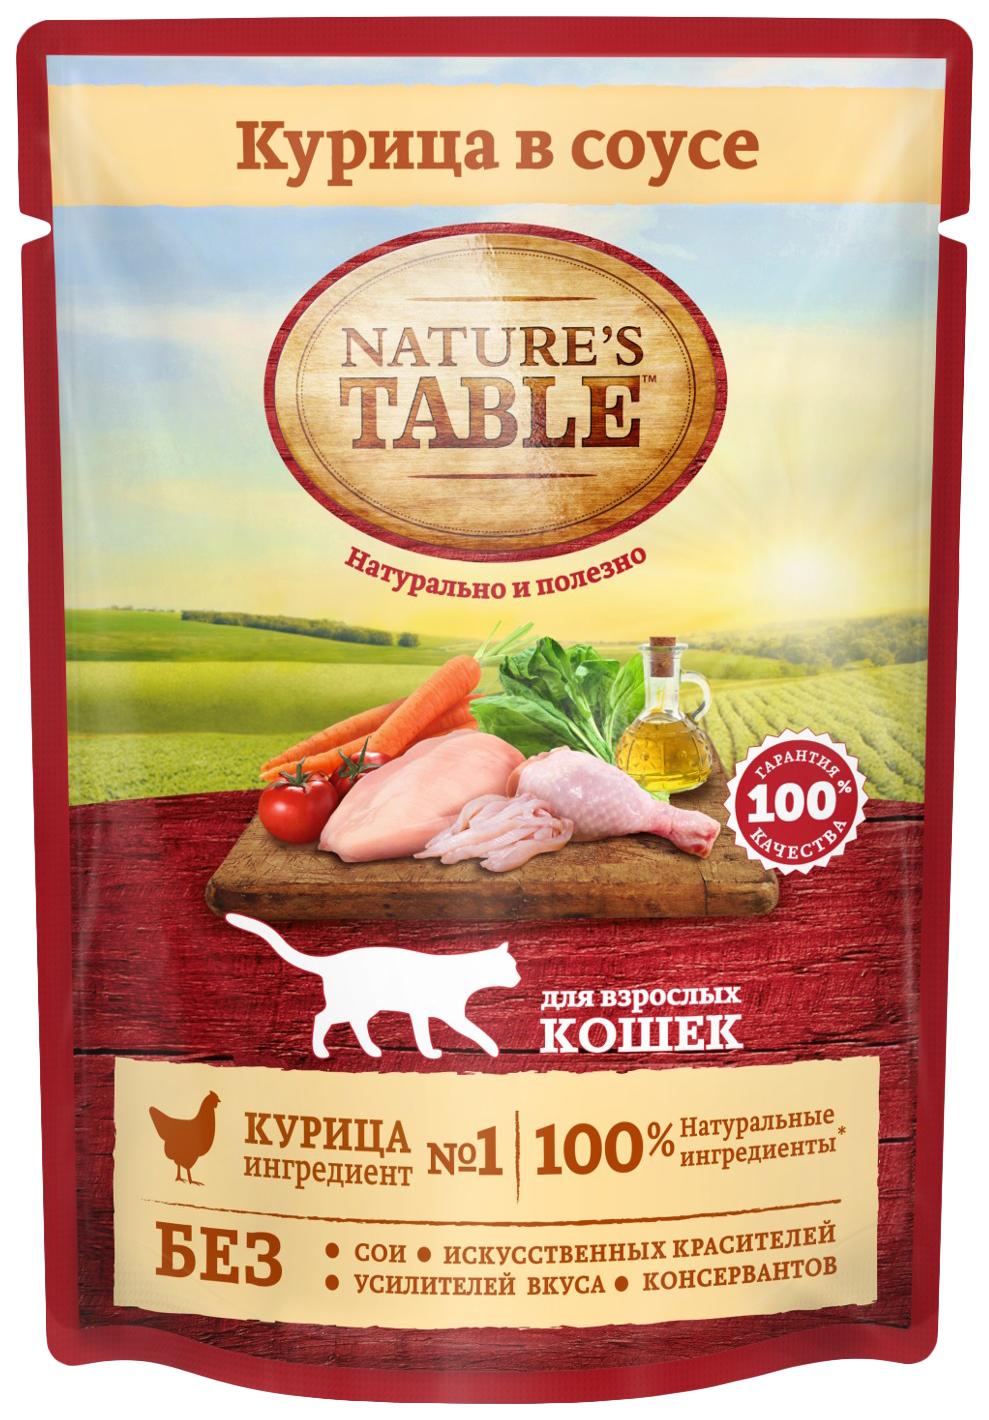 Миниатюра Влажный корм для кошек Nature's Table Курица в соусе, 24 шт по 85г №7